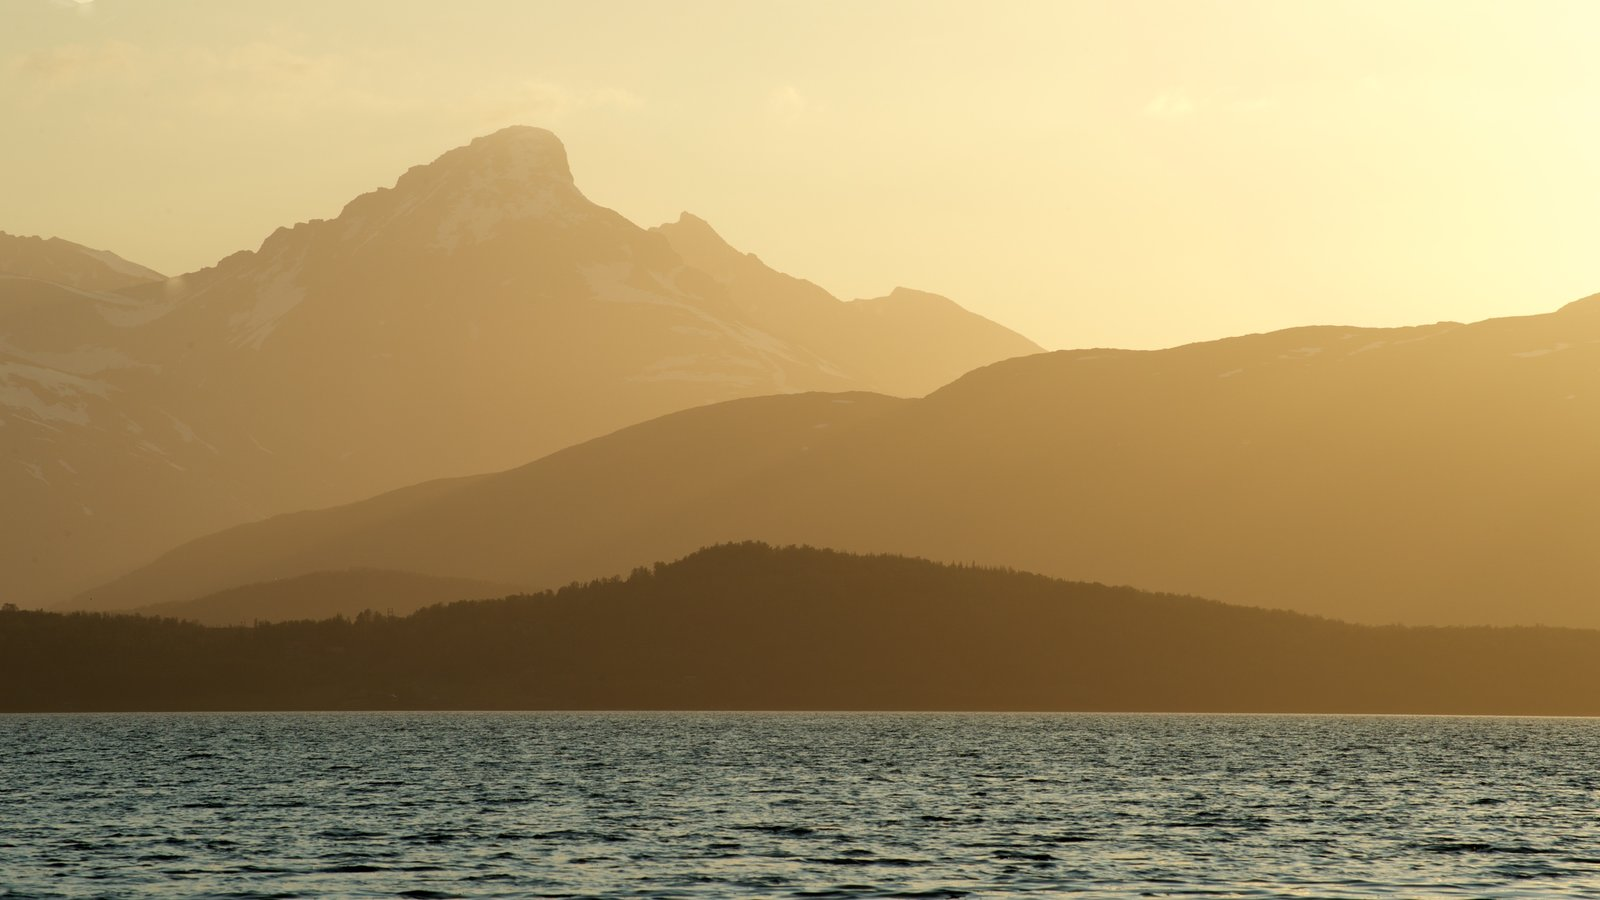 Tromso caracterizando um pôr do sol, paisagens litorâneas e montanhas